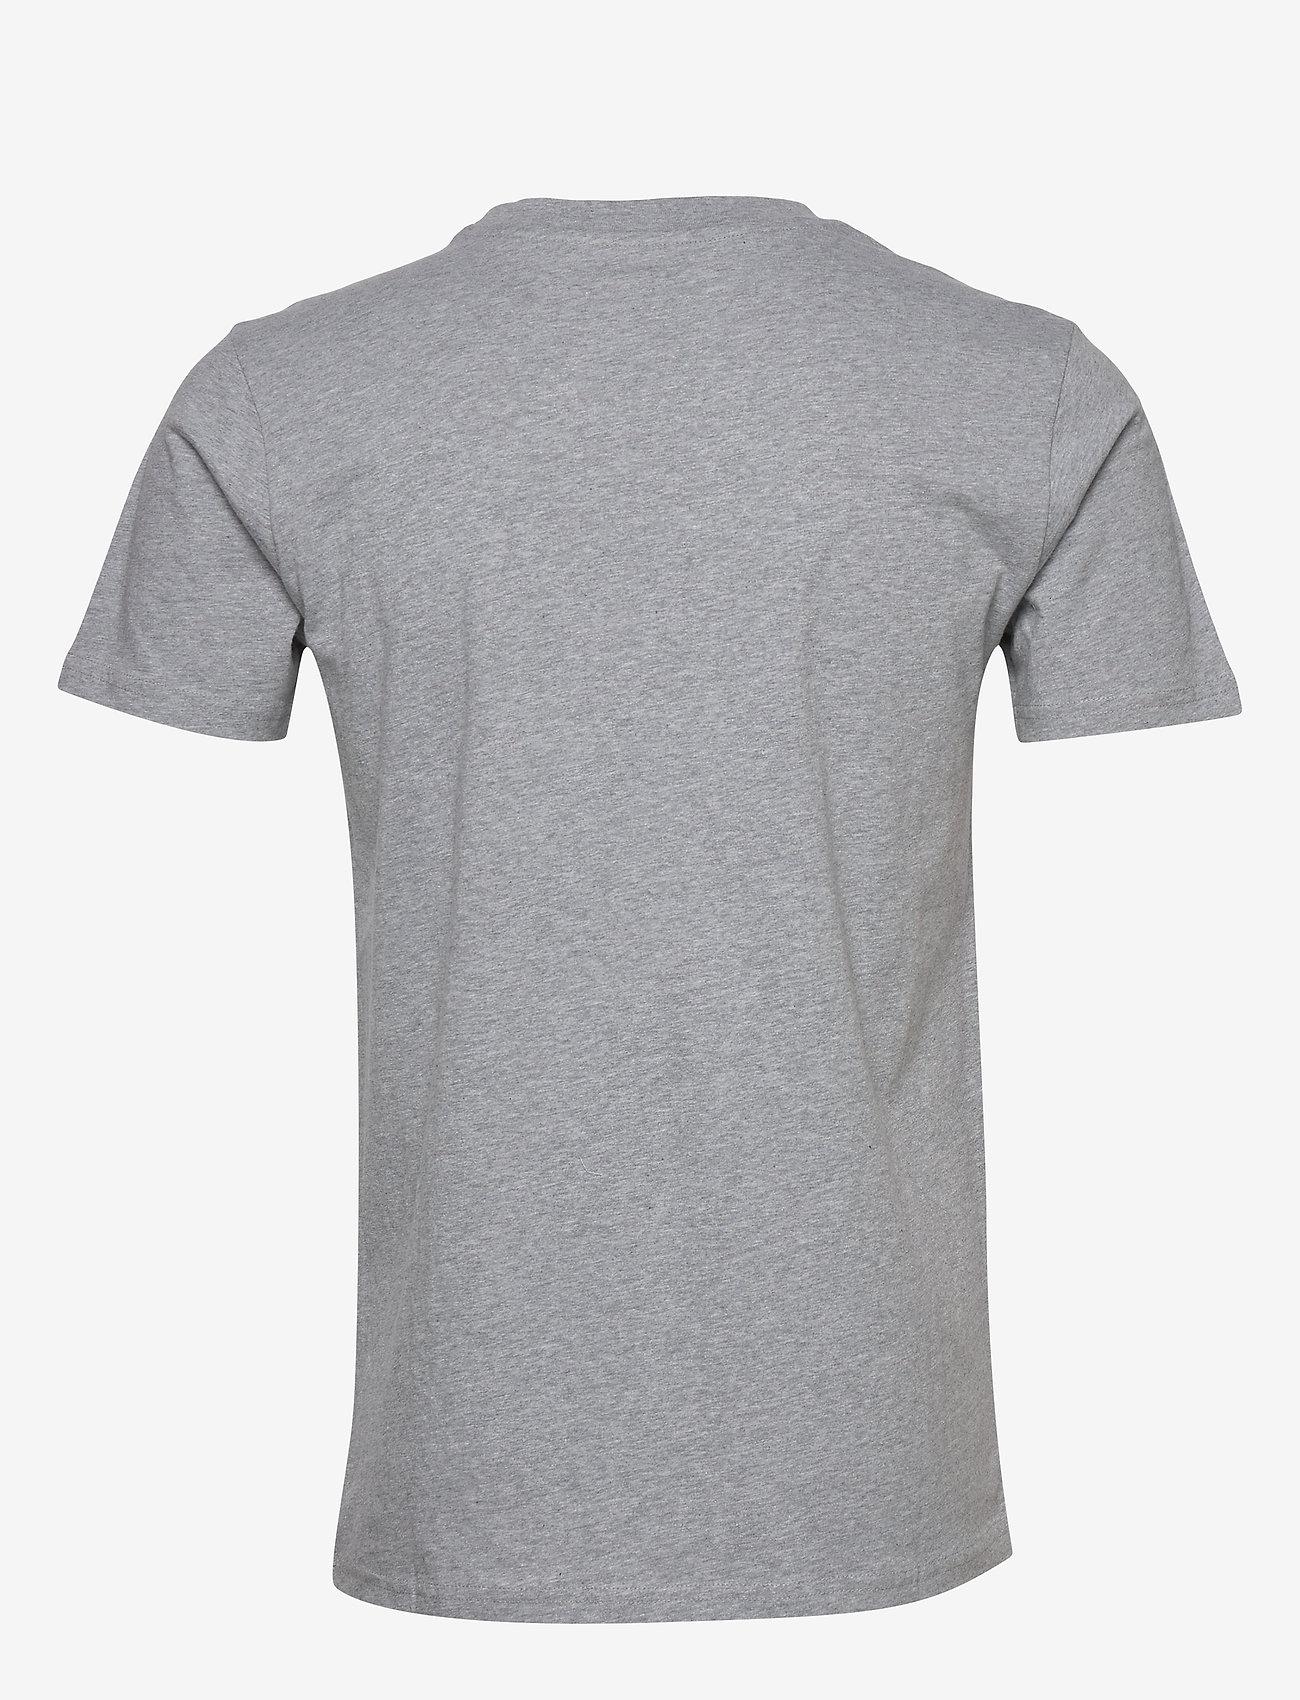 Knowledge Cotton Apparel ALDER big knowledge tee - GOTS/Vega - T-skjorter GREY MELANGE - Menn Klær